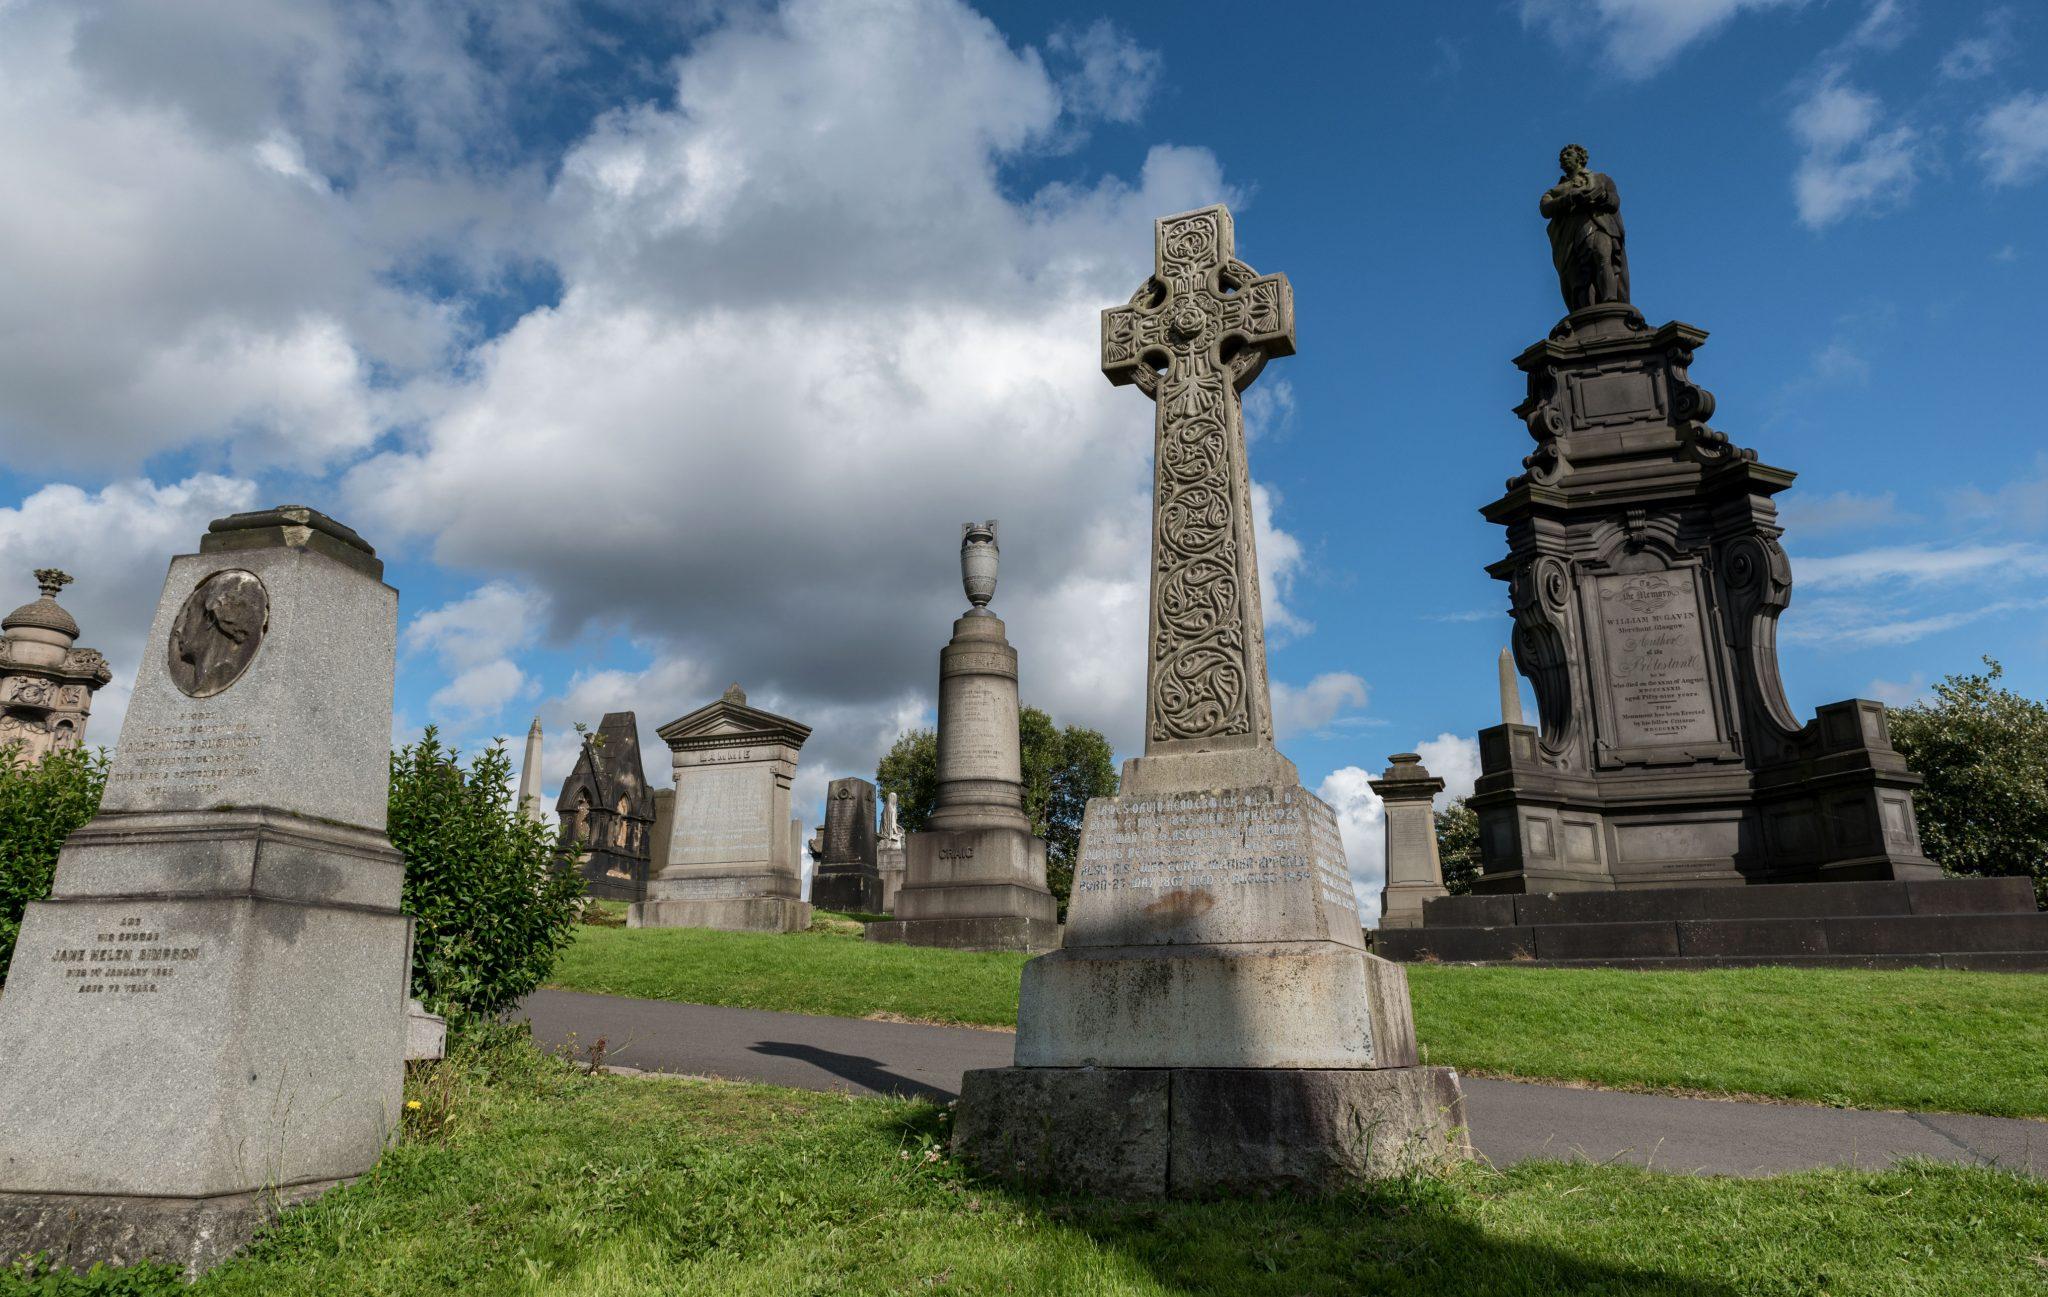 Katedra,-Necropolis,-Szkocja,-Scotland,-Anita-Demianowicz